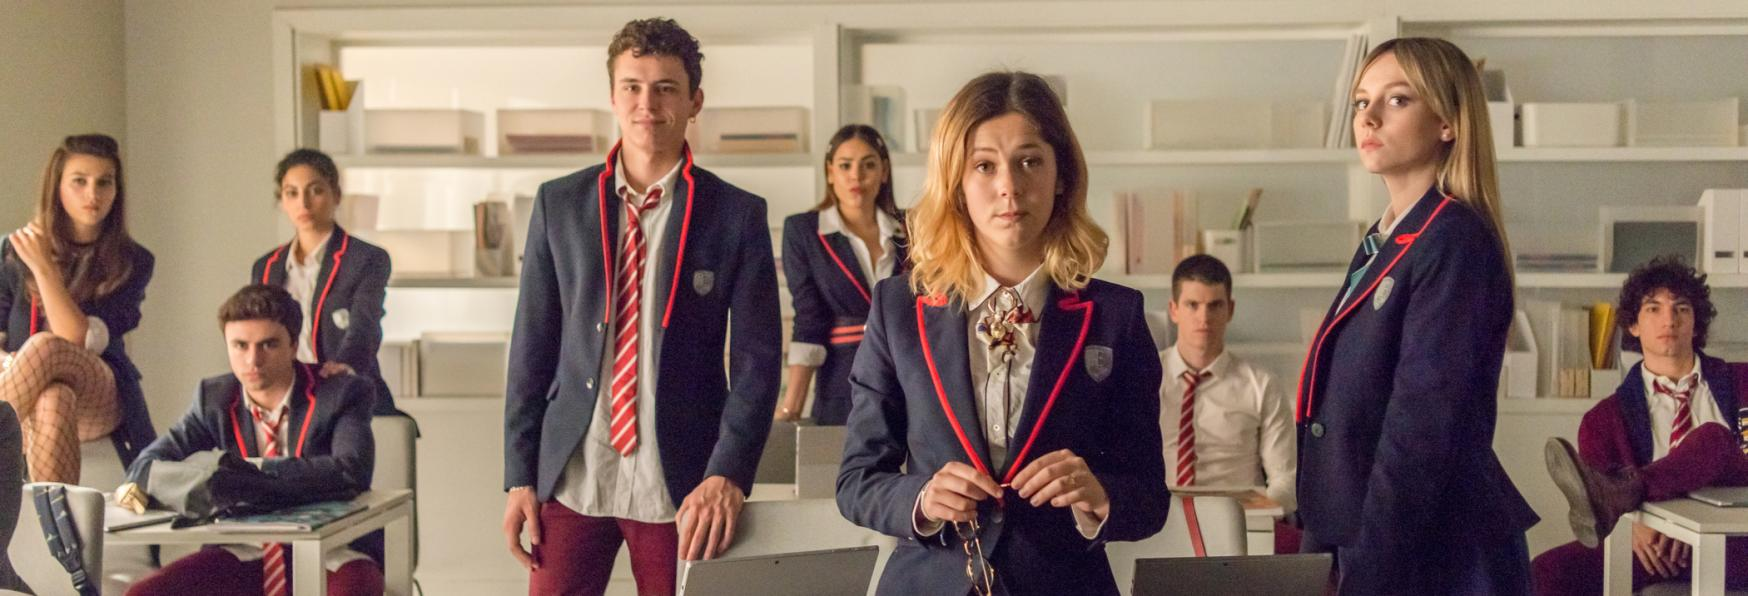 Èlite 2: La Recensione della nuova Stagione della Serie TV Netflix